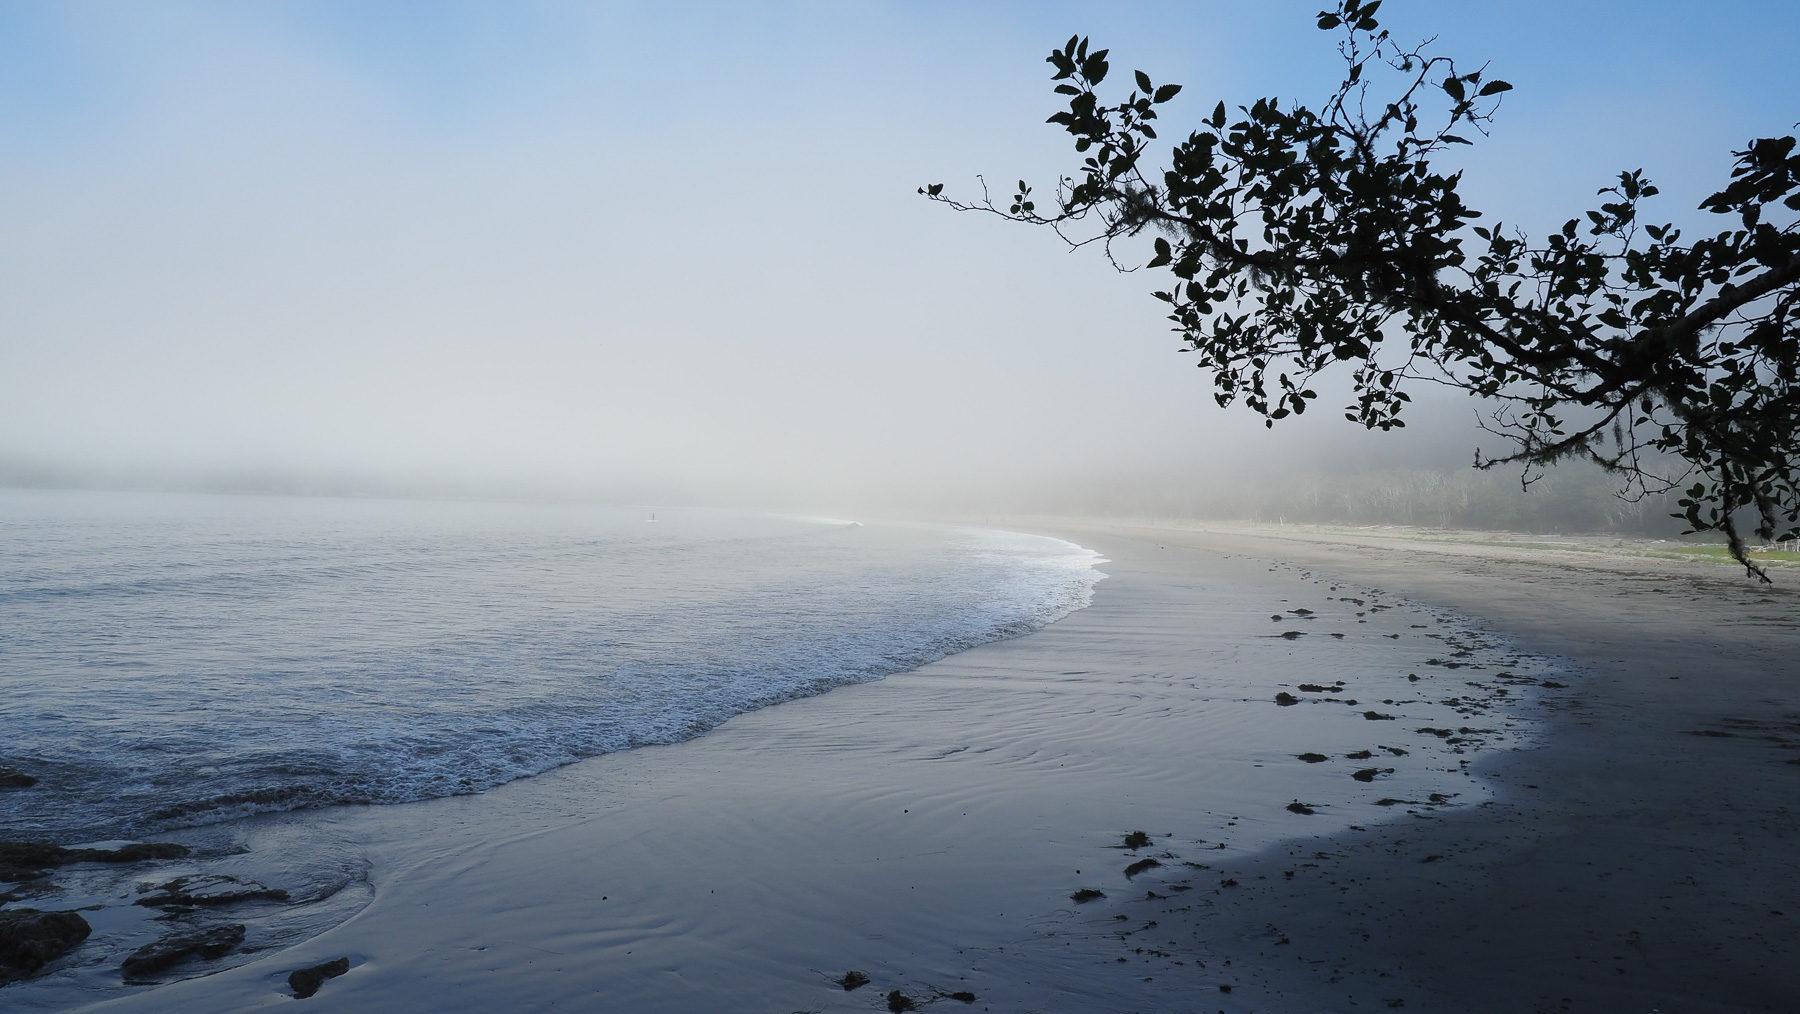 schöne Pazifikstrände, nur meistens im Nebel, das Wasser eiskalt